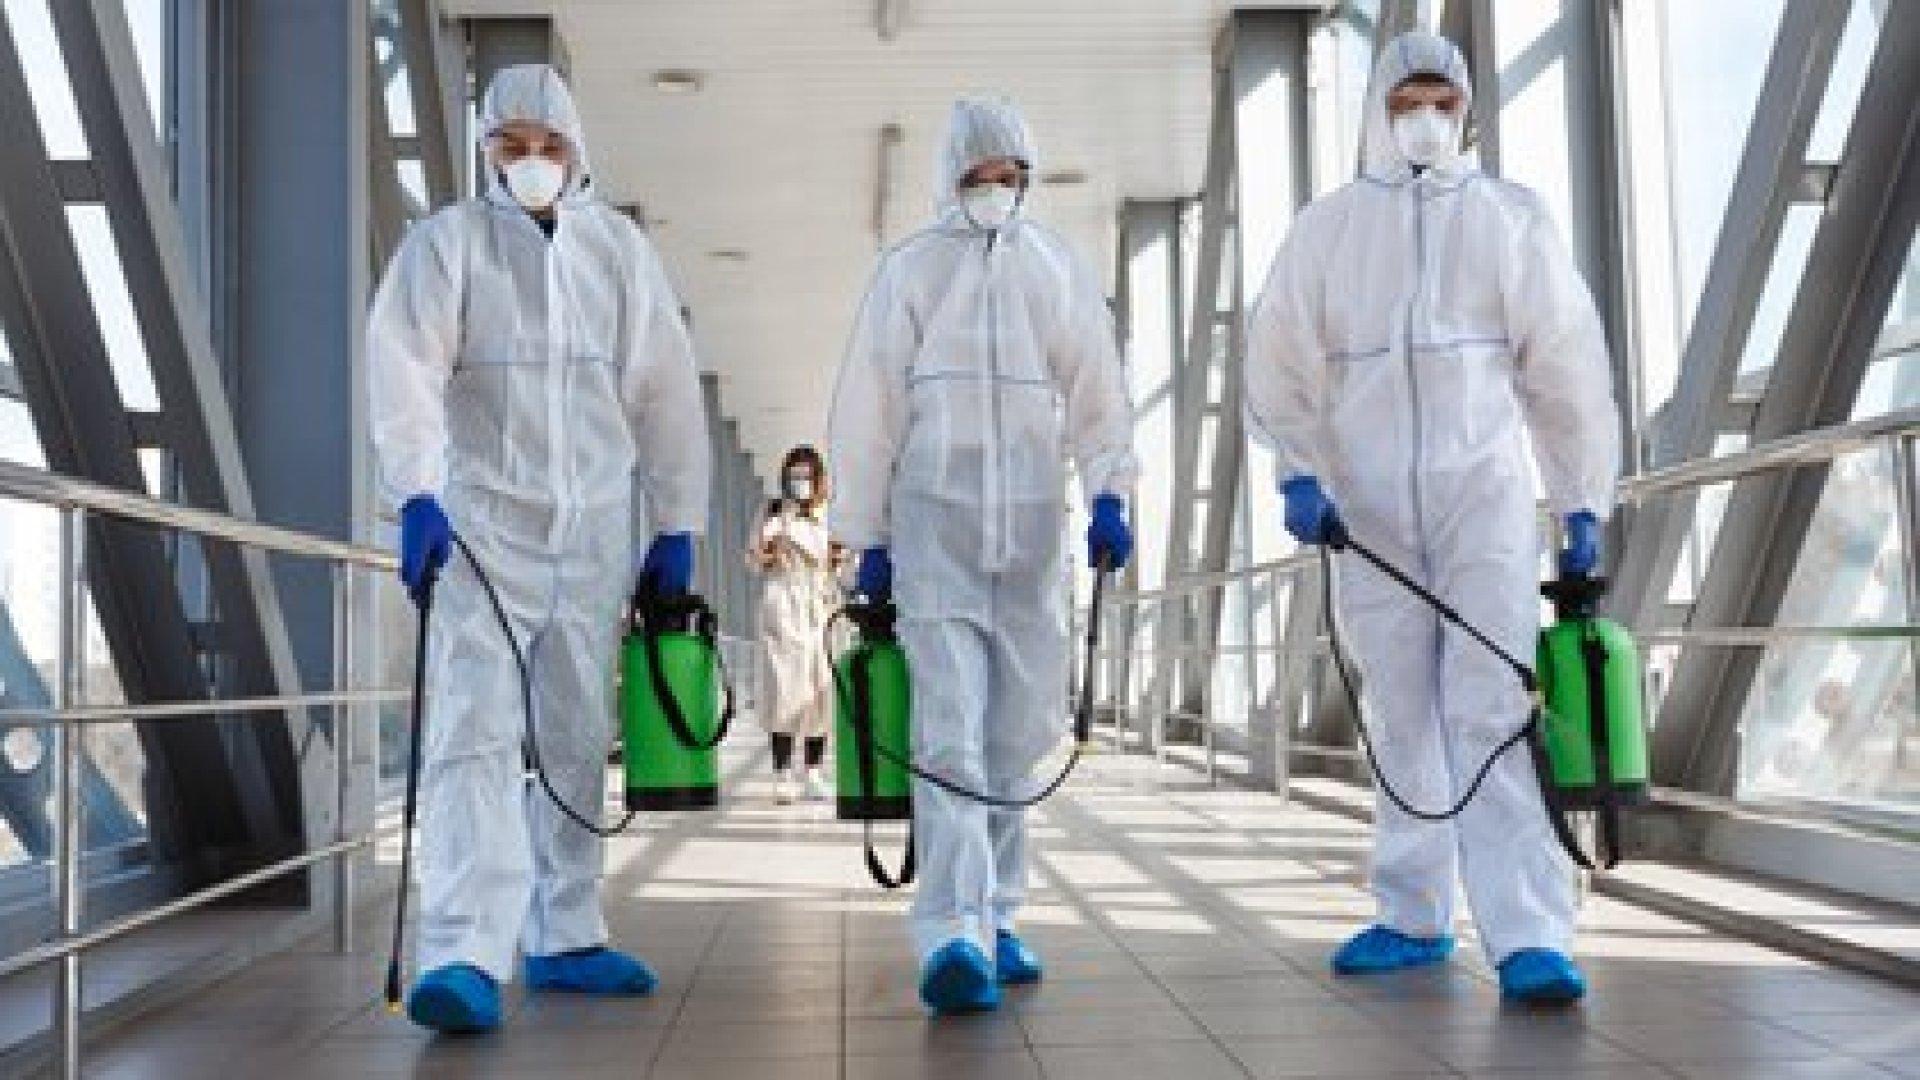 La sanitización constante es fundamental en la lucha contra el virus SARS-CoV-2 (Shutterstock)